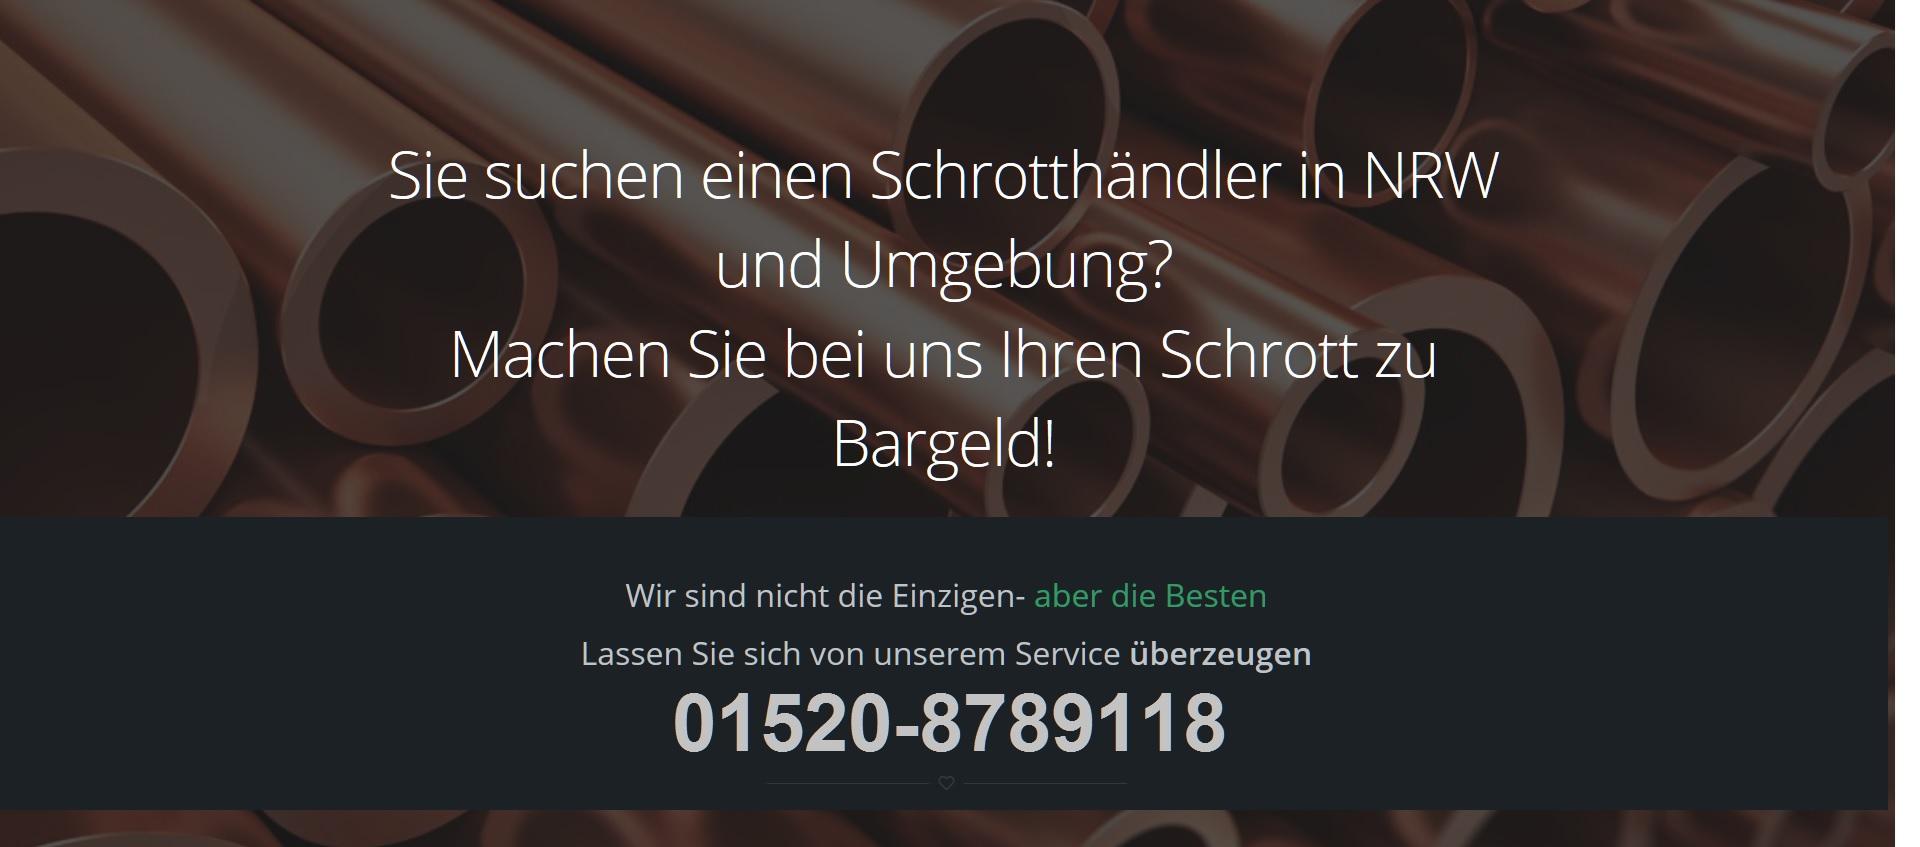 Schrottabholung wüppertal - Schrotthändler NRW